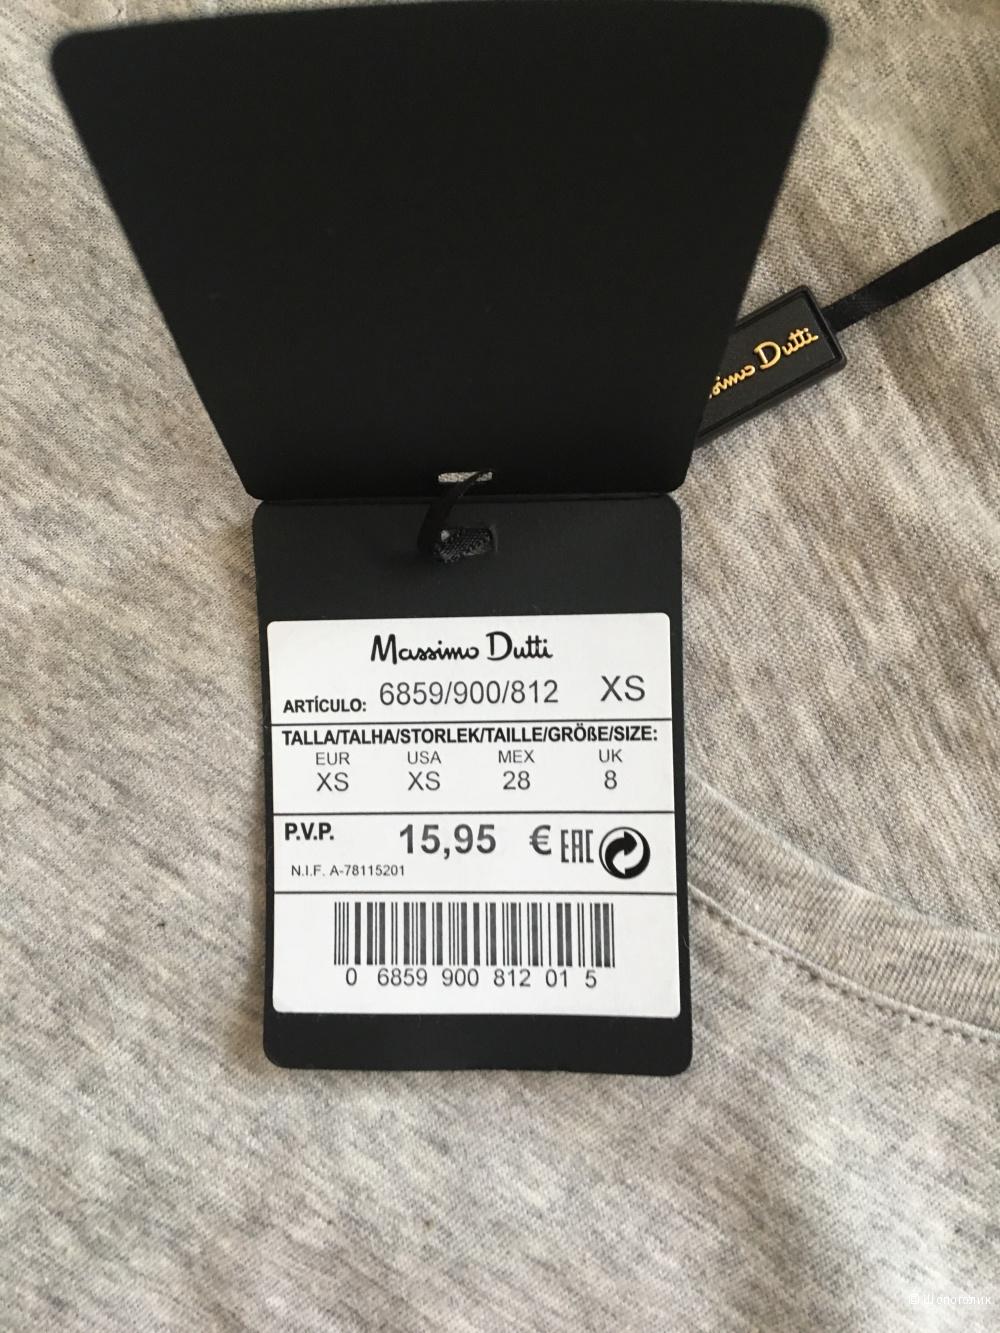 Футболка Massimo Dutti, хс -большемерит